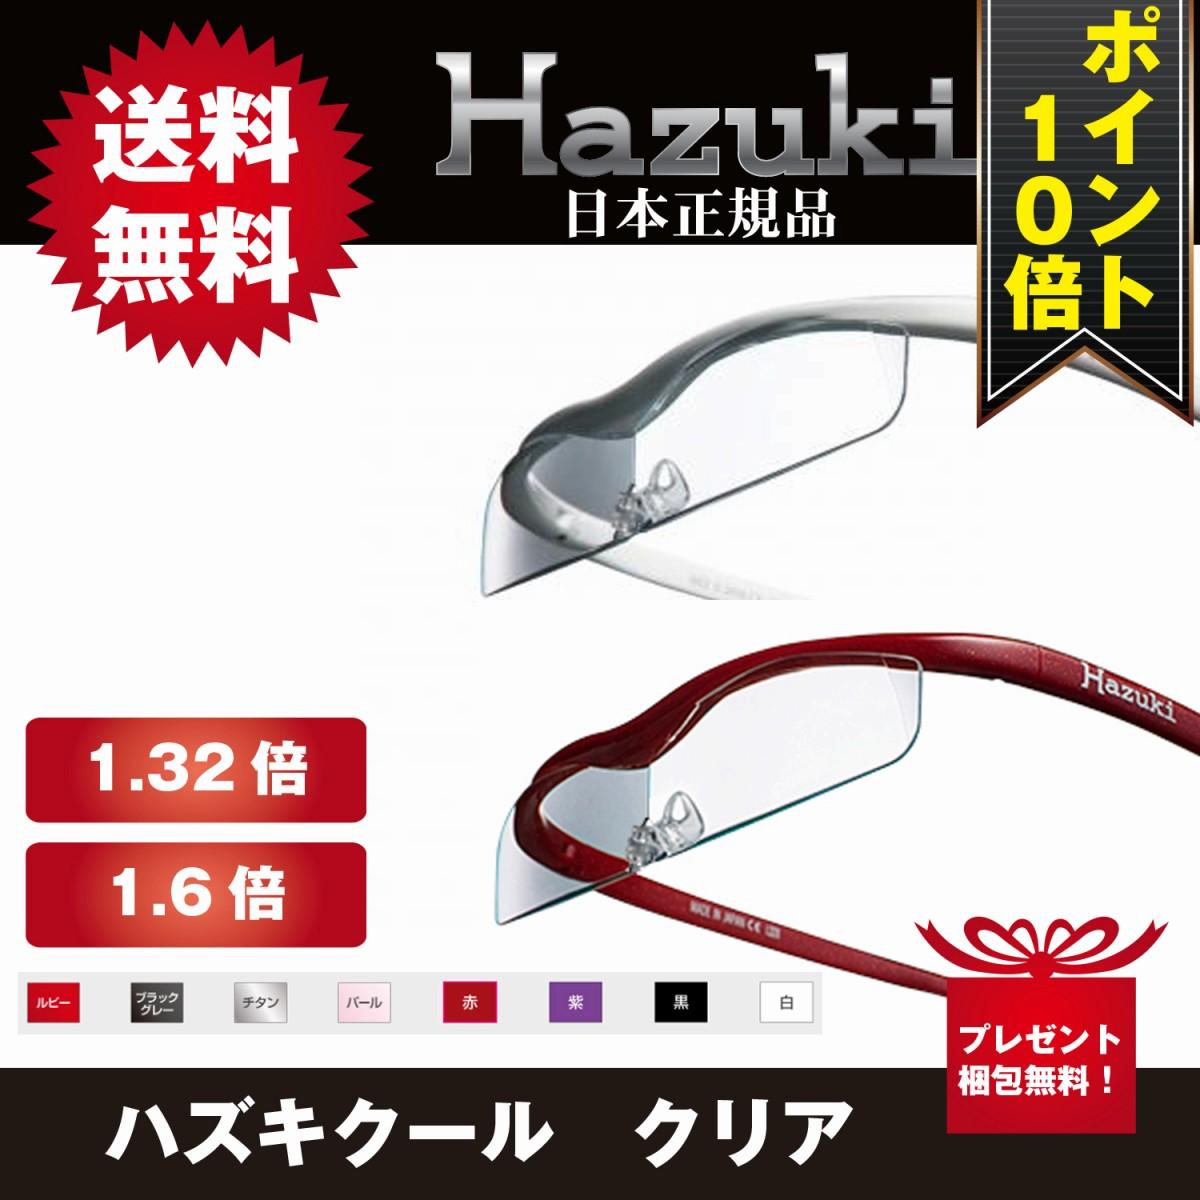 ハズキルーペ クール クリア 1.32倍 1.6倍拡大鏡 ルーペ ハズキ 老眼鏡 Hazuki メガネタイプ 虫眼鏡 プリヴェAG 正規品